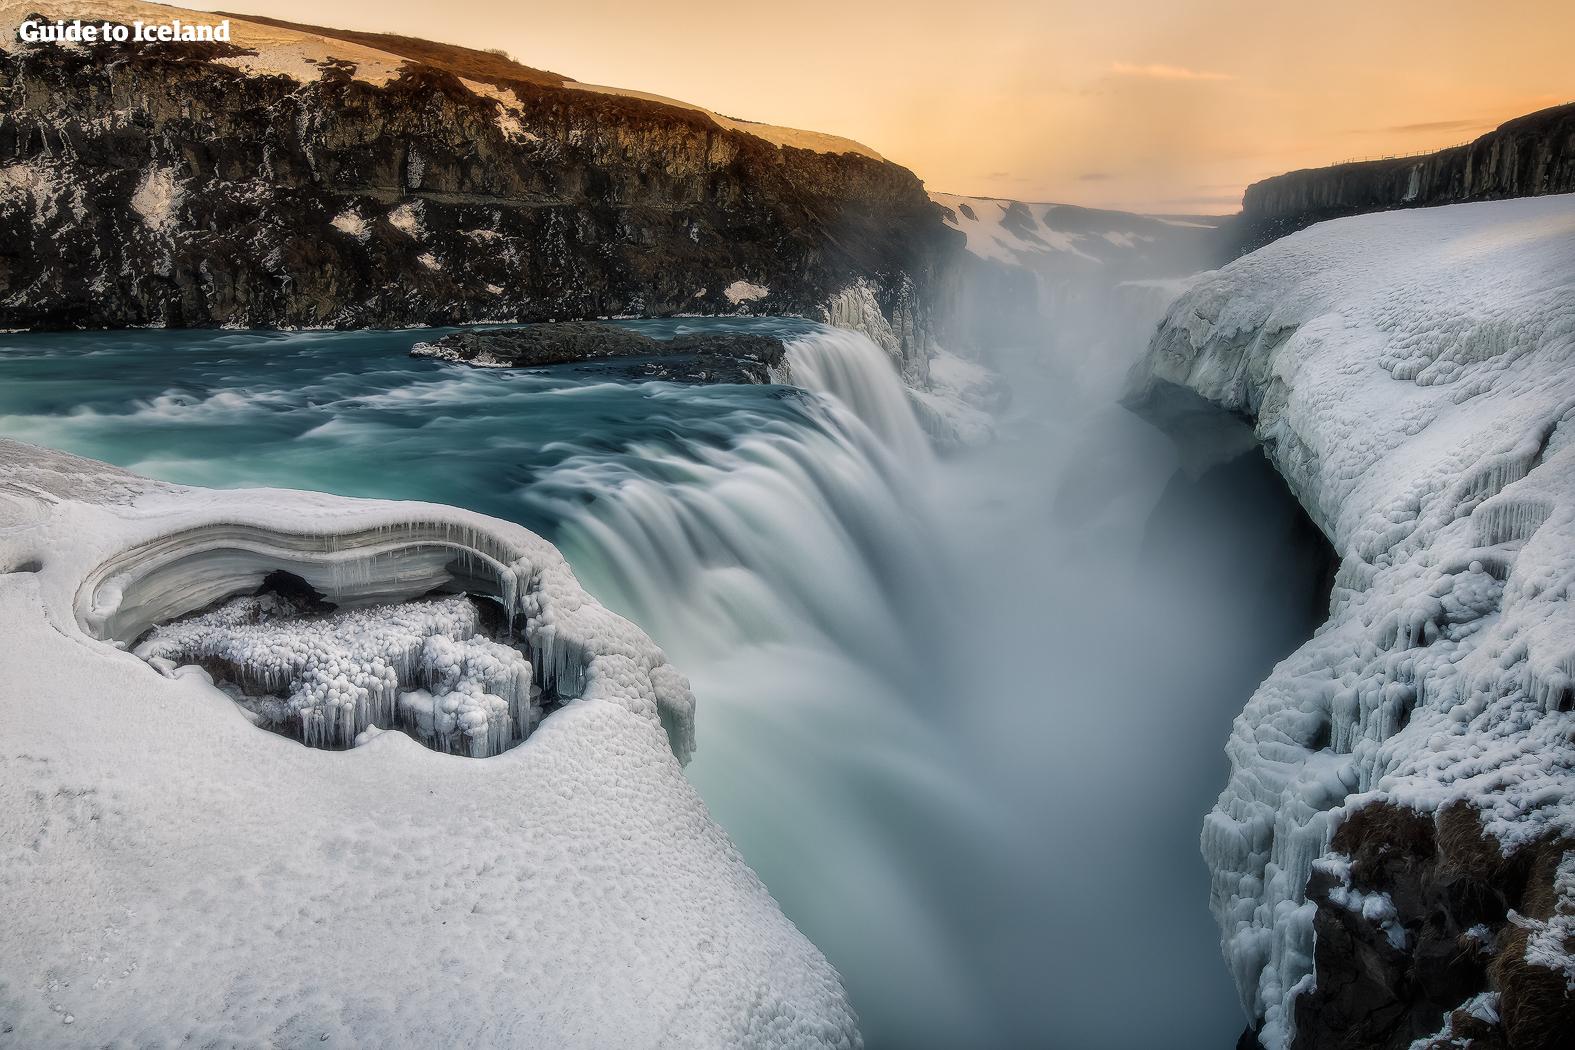 굉음을 내며 협곡 아래로 물을 쏟아내는 굴포스 폭포도, 겨울이면, 두꺼운 눈과 얼음으로 묻혀버립니다.